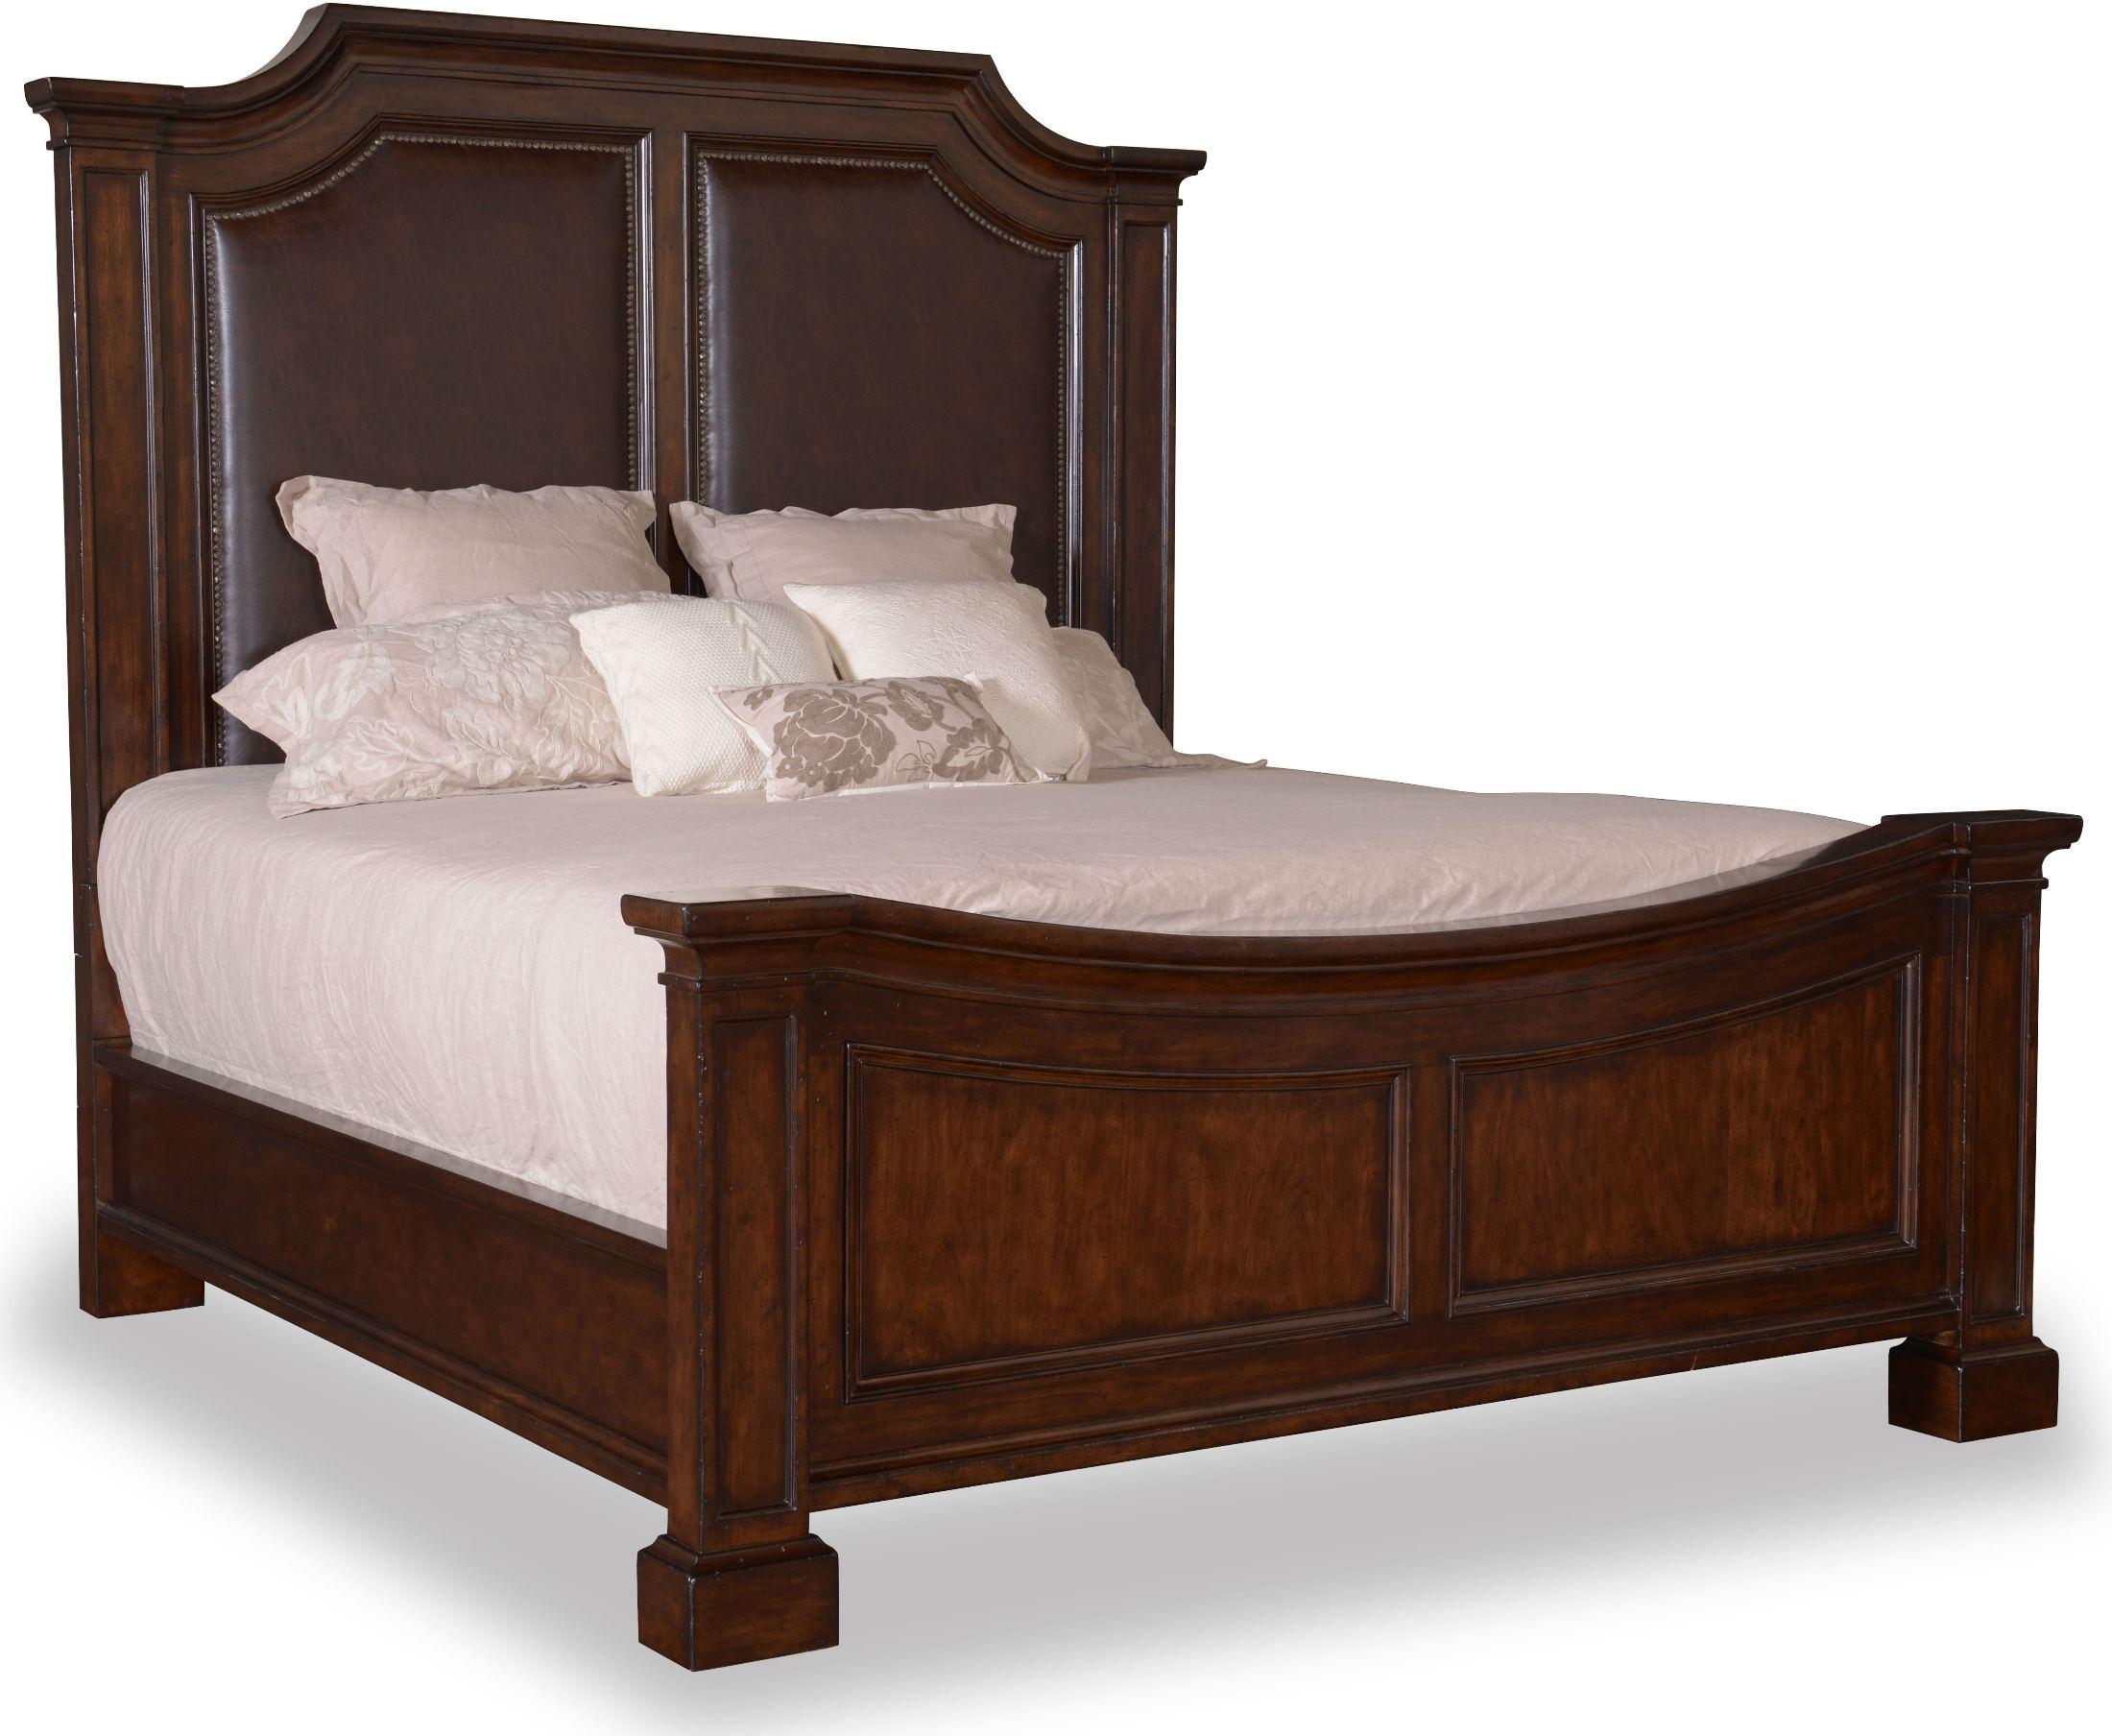 Egerton adjustable height panel bedroom set from art - Bedroom sets for adjustable beds ...